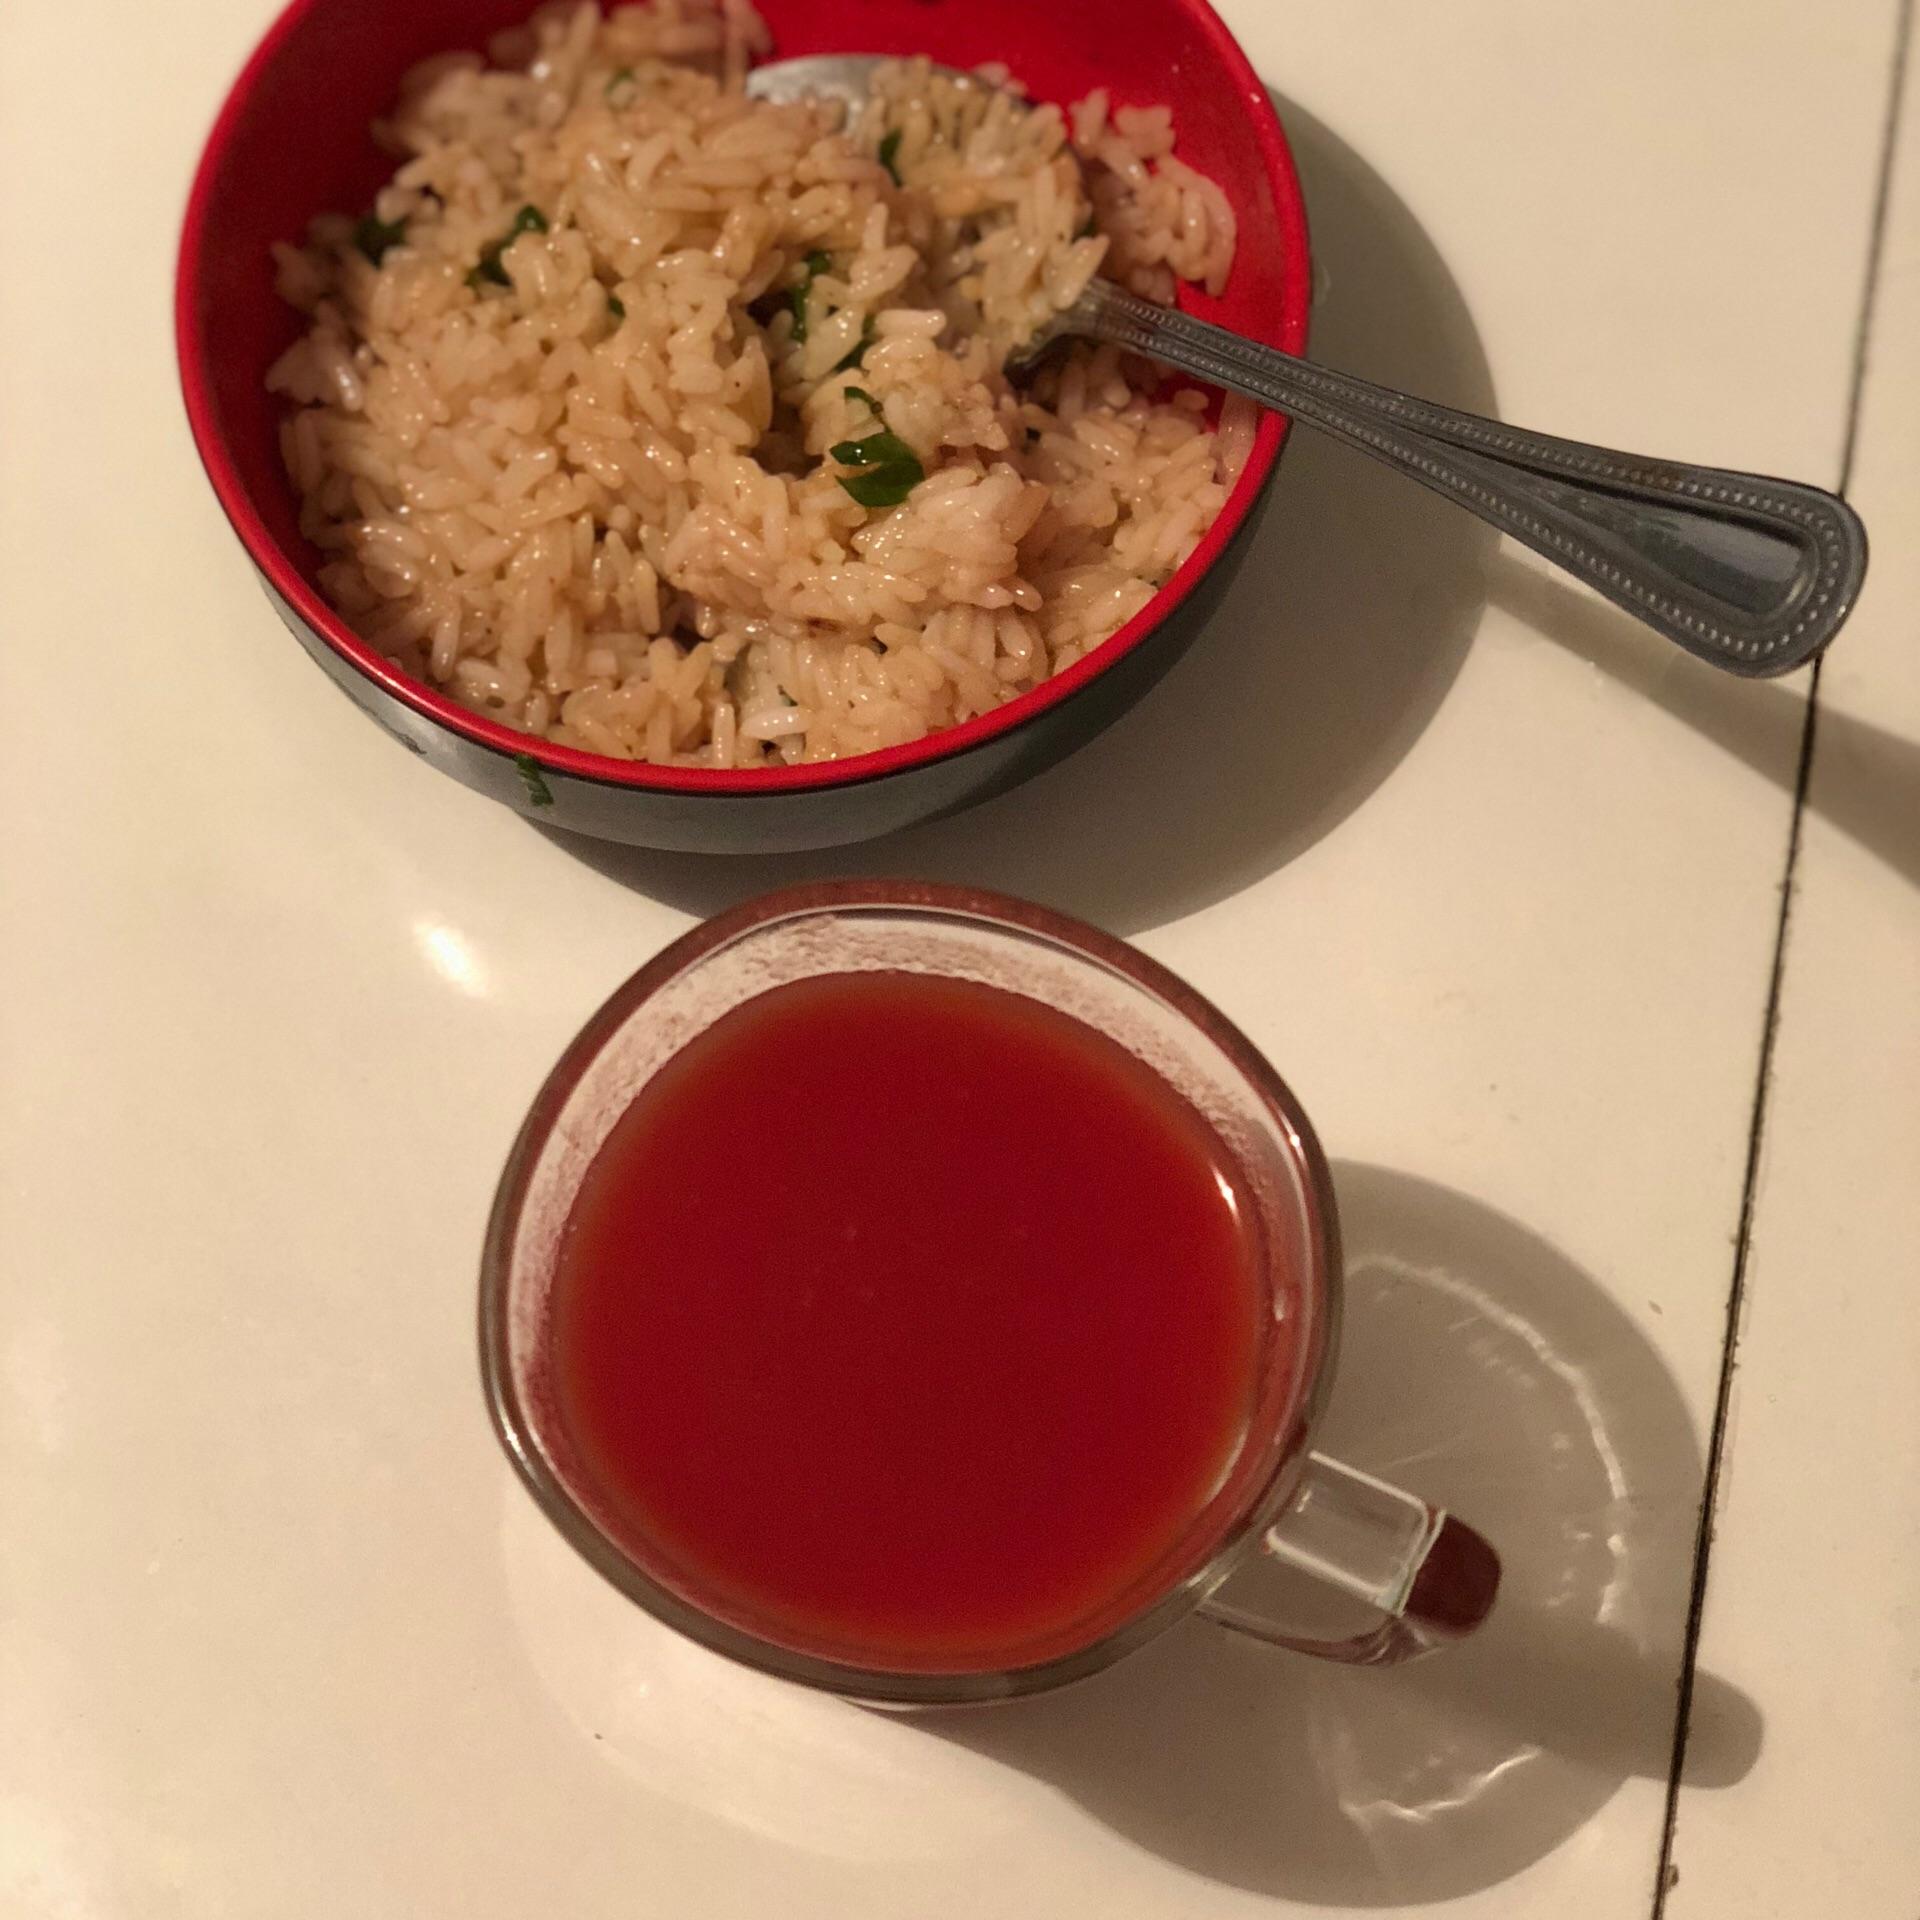 диета гречка с томатным соком отзывы врачей